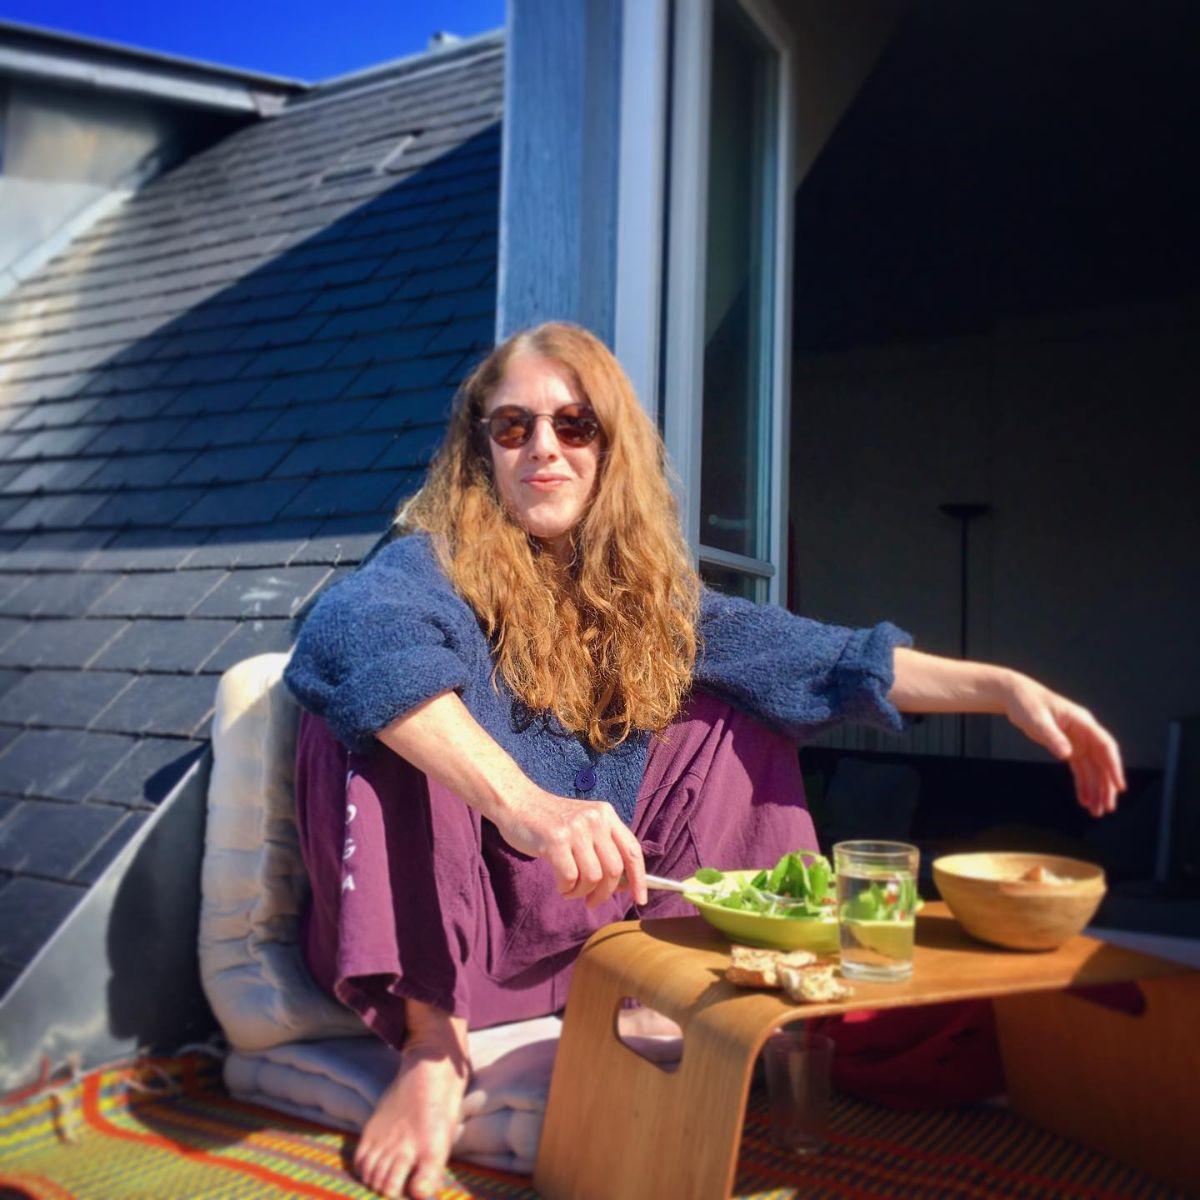 l'Inspiration du jour : Malasana - accroupie commeun chat sur un toit brûlant #restezchezvous  ♡  Prendre SOIN les uns des autres♡Septièmeciel Yoga   Paris Montmartre